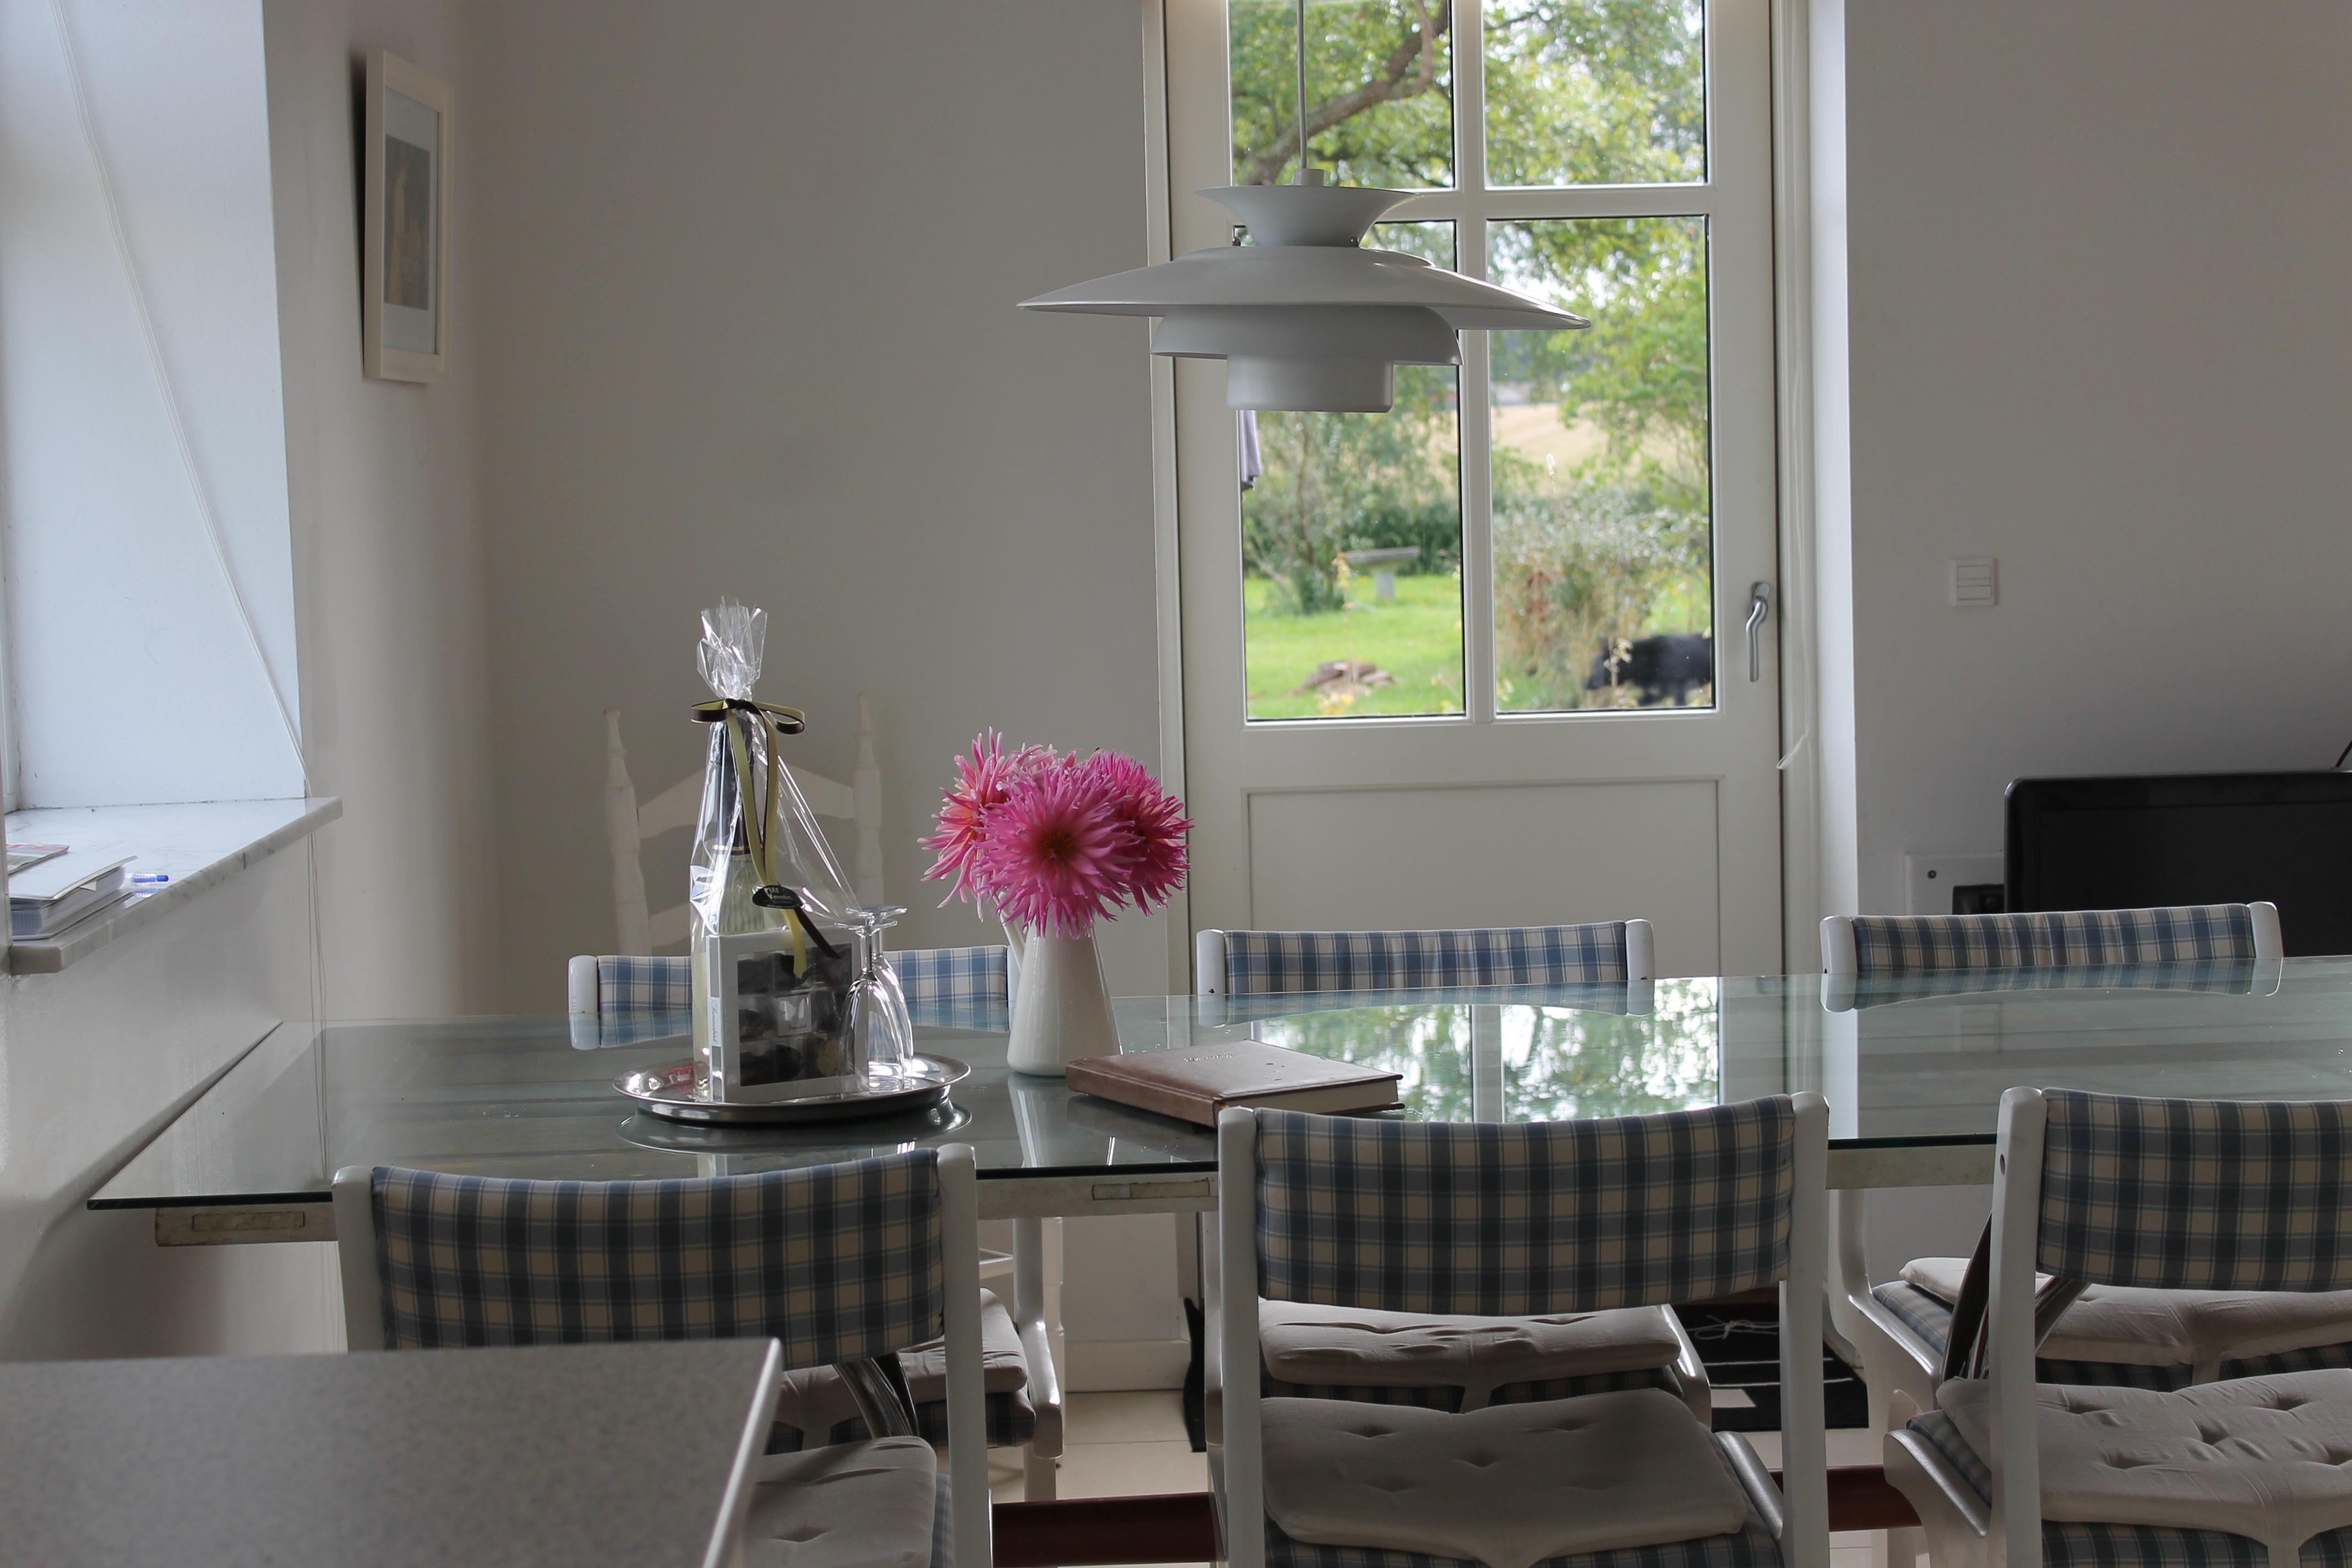 Diningroom+(A).JPG